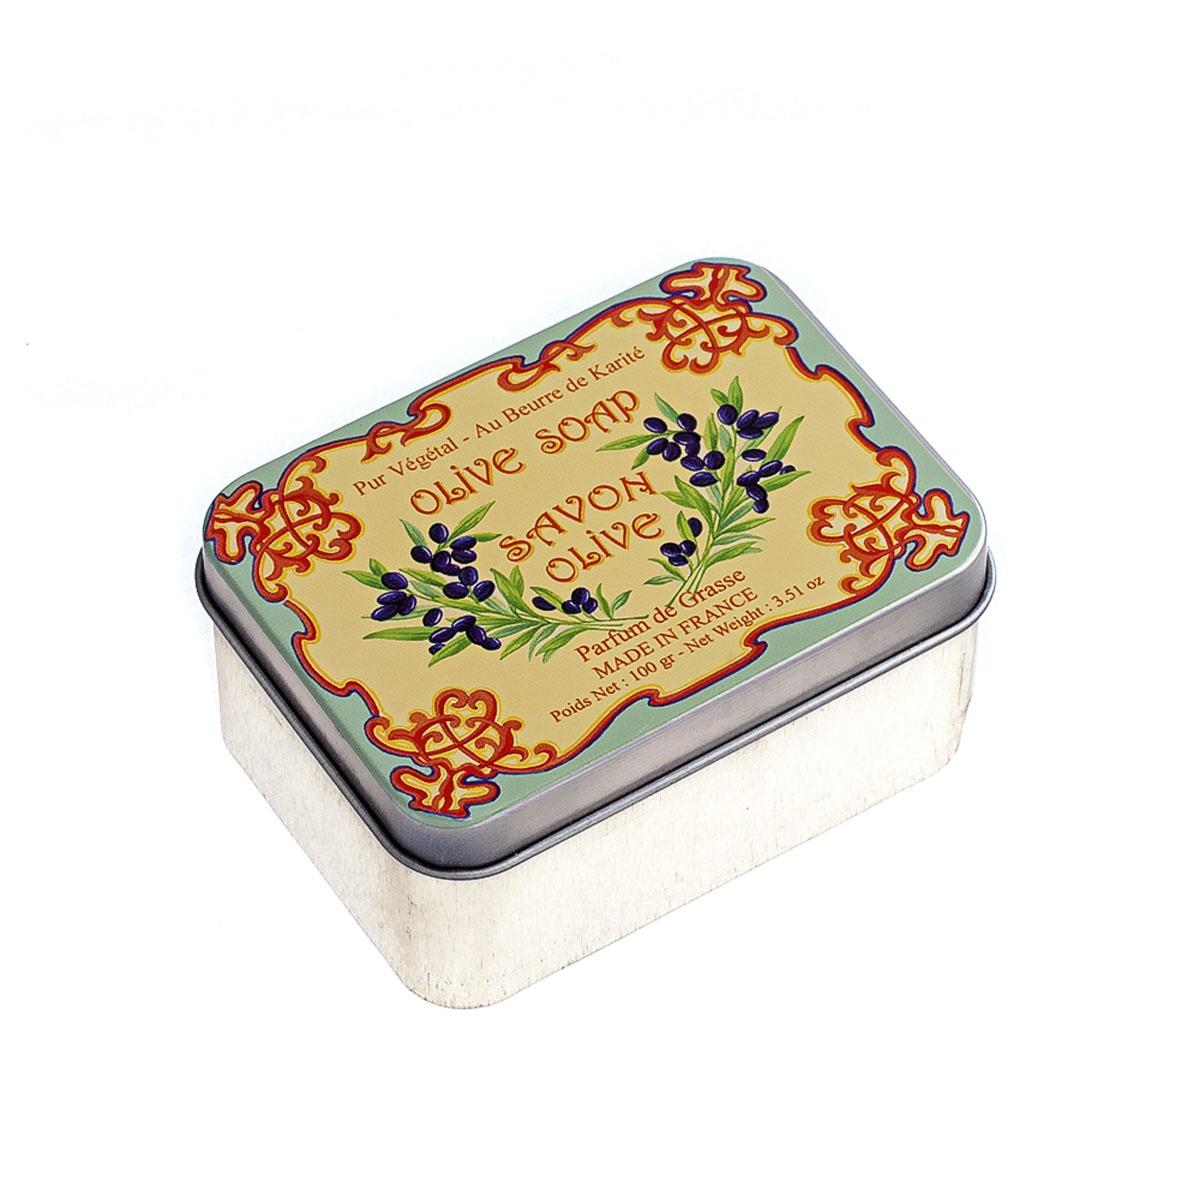 Мыло туалетное Le Blanc ОливкиM9706При производстве по традиционным провансальским рецептам, 100% основы составляют растительные масла. Мыло не содержит агрессивных ингредиентов, таких как: лаурисульфат, полиэтиленгликоль, парааминобензойная кислота. Глицерин увлажняет кожу, делая её мягкой и нежной. Ароматическое мыло можно использовать в ванне, взять с собой в сауну и просто подарить близким людям. Приятный аромат будет сопровождать вас весь день, а растительные масла, которые входят в состав мыла, сделают вашу кожу нежной. Мыло гипоалергенно и безопасно даже для детской кожи.